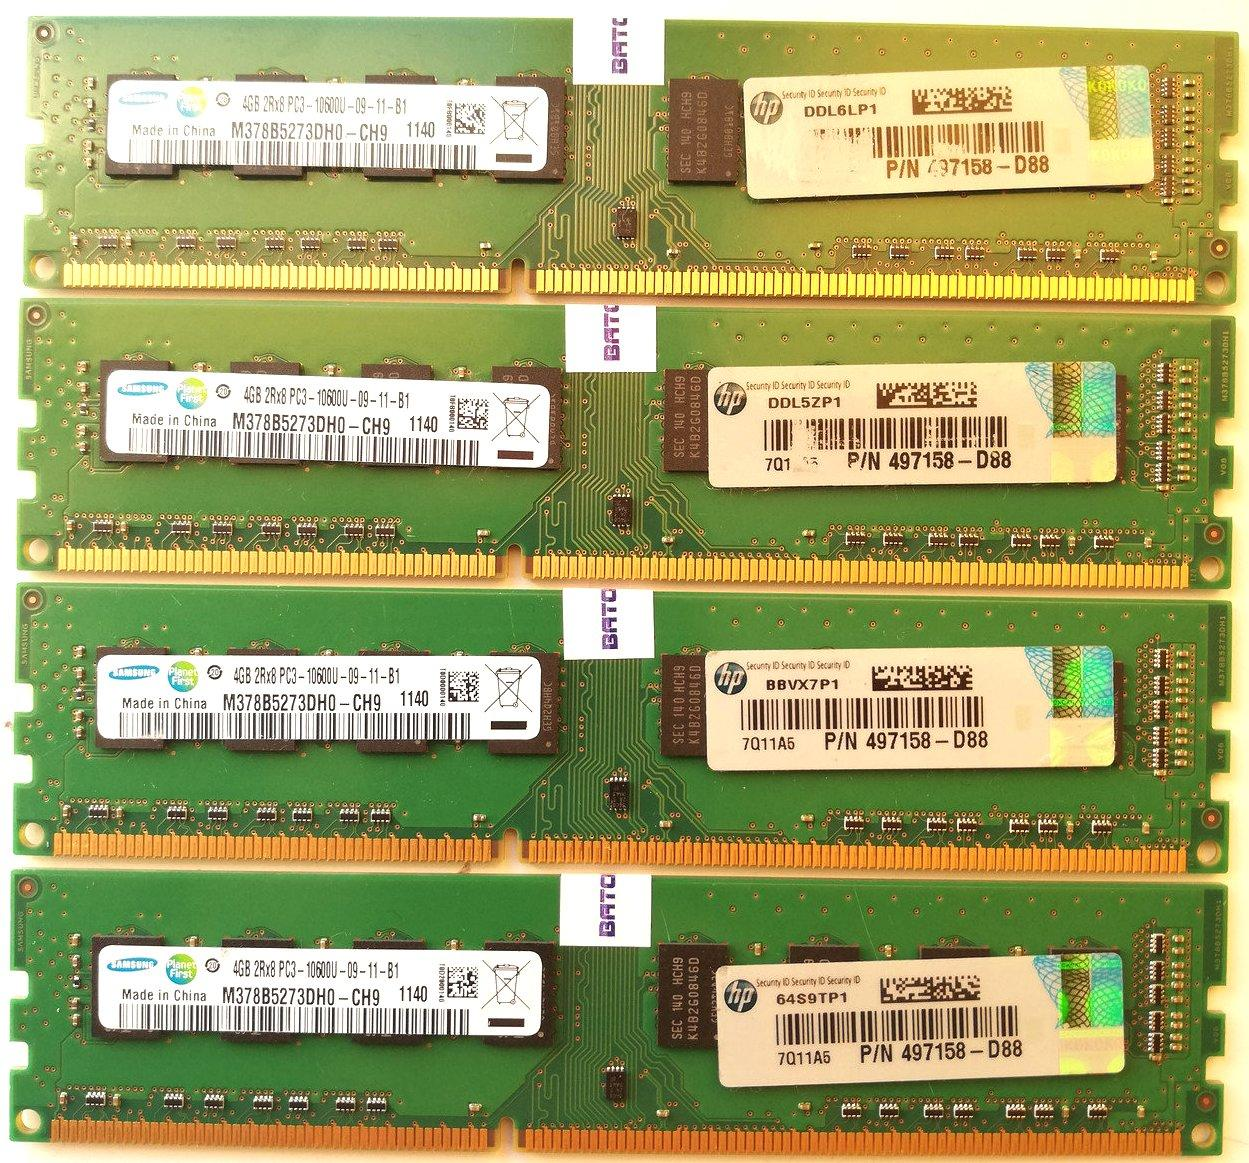 Комплект оперативной памяти Samsung DDR3 16Gb (4*4Gb) 1333MHz PC3 10600U 2R8 CL9 (M378B5273DH0-CH9) Б/У